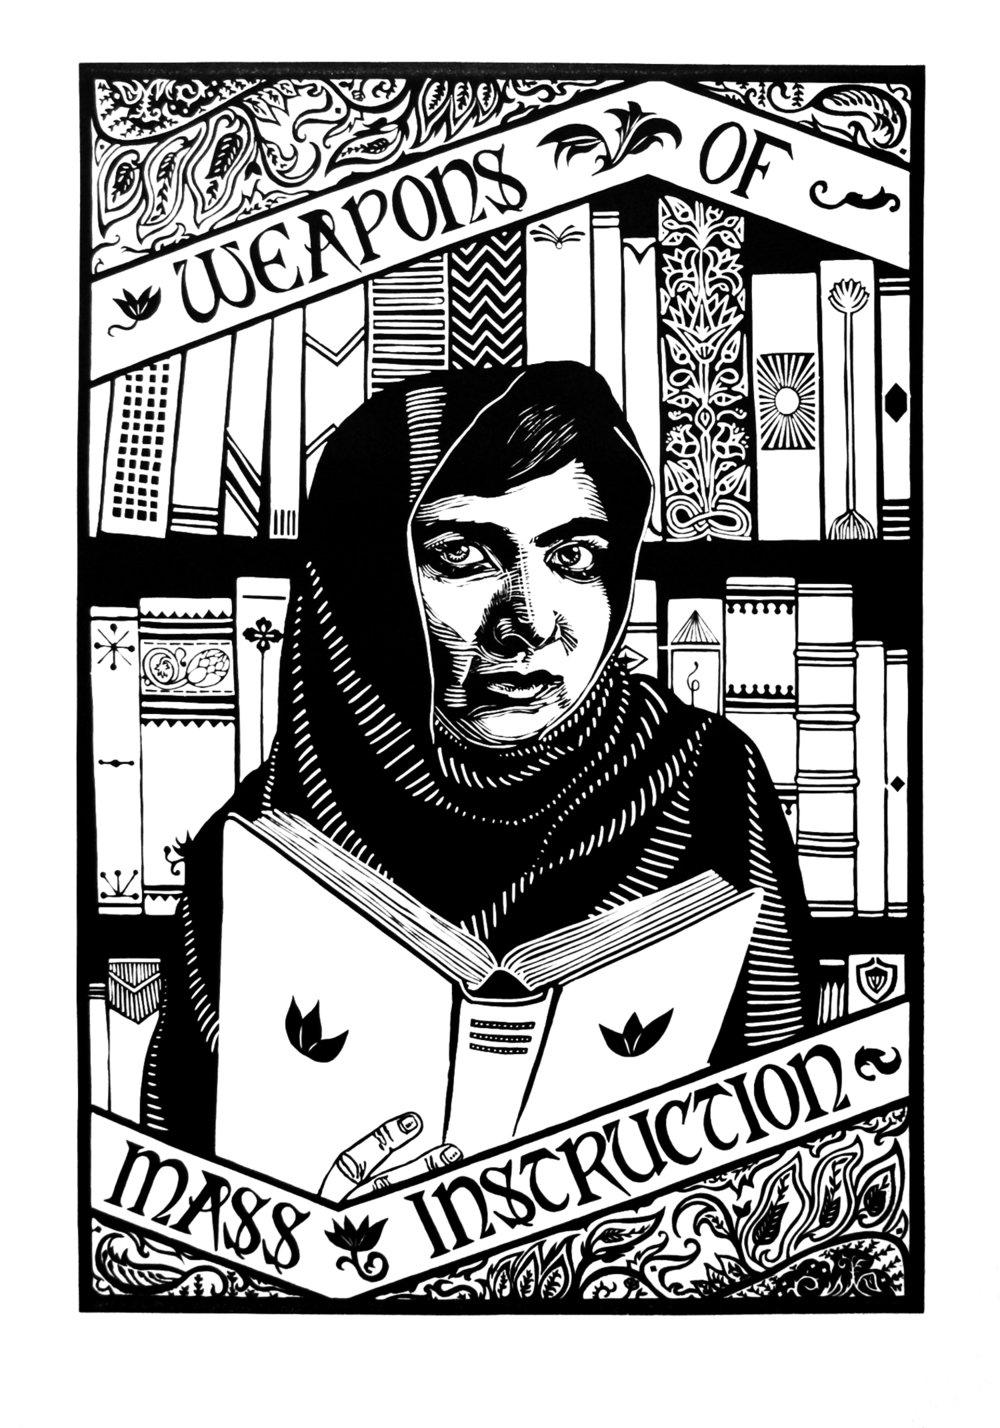 Portrait of Malala Yousafzai